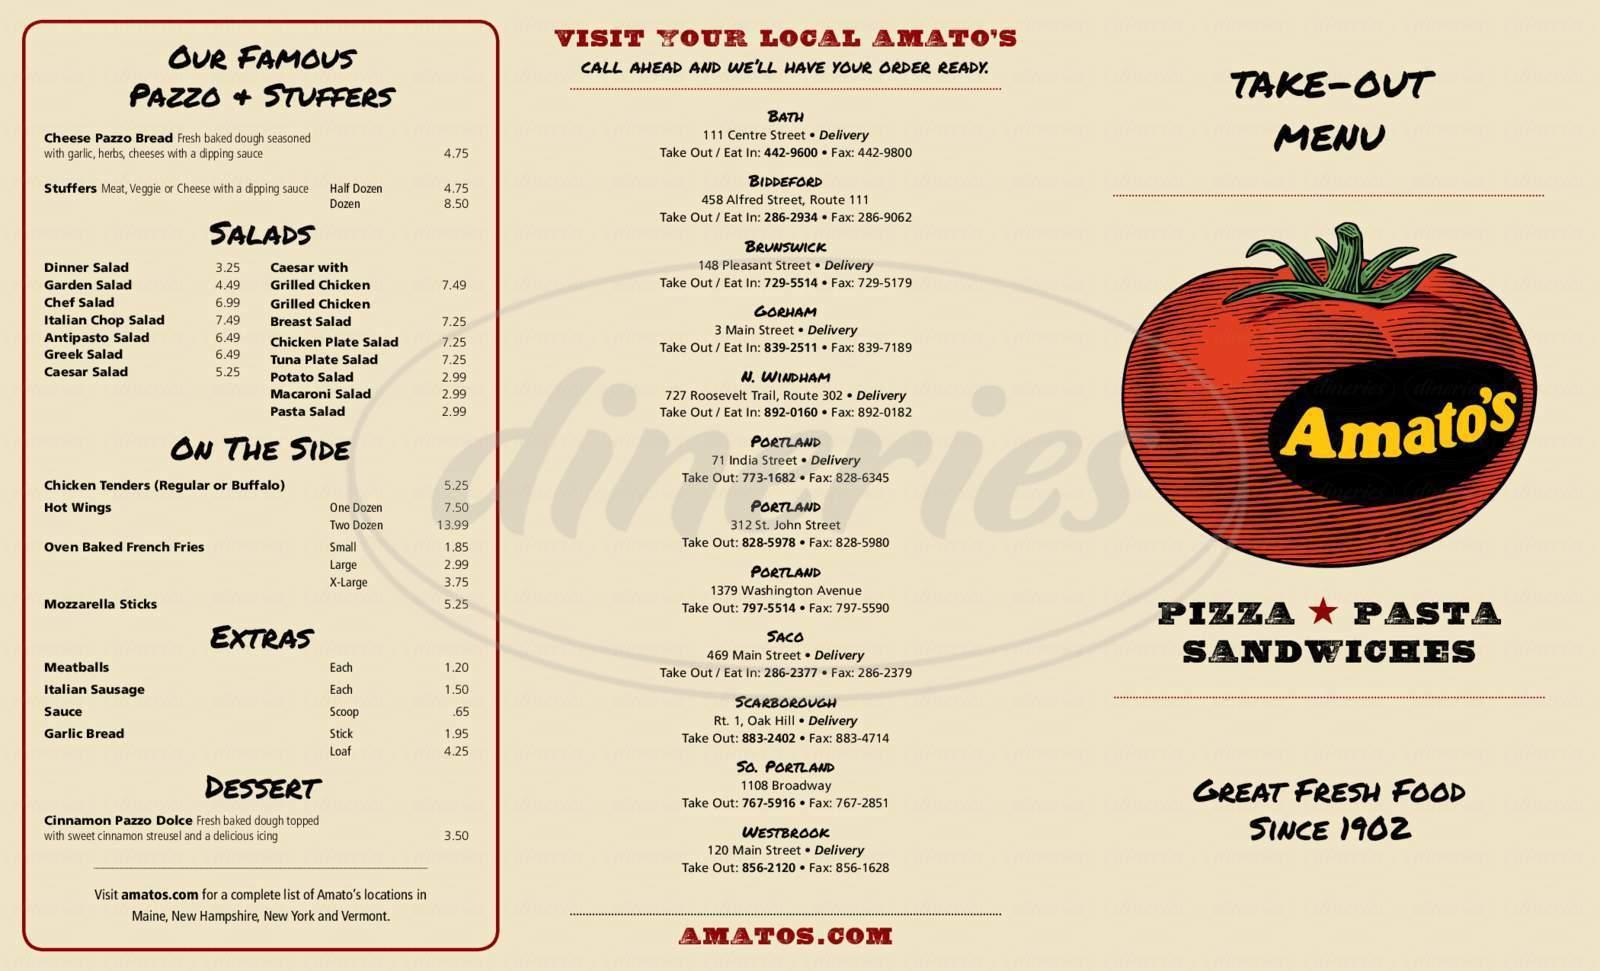 menu for Amato's Sandwich Shops